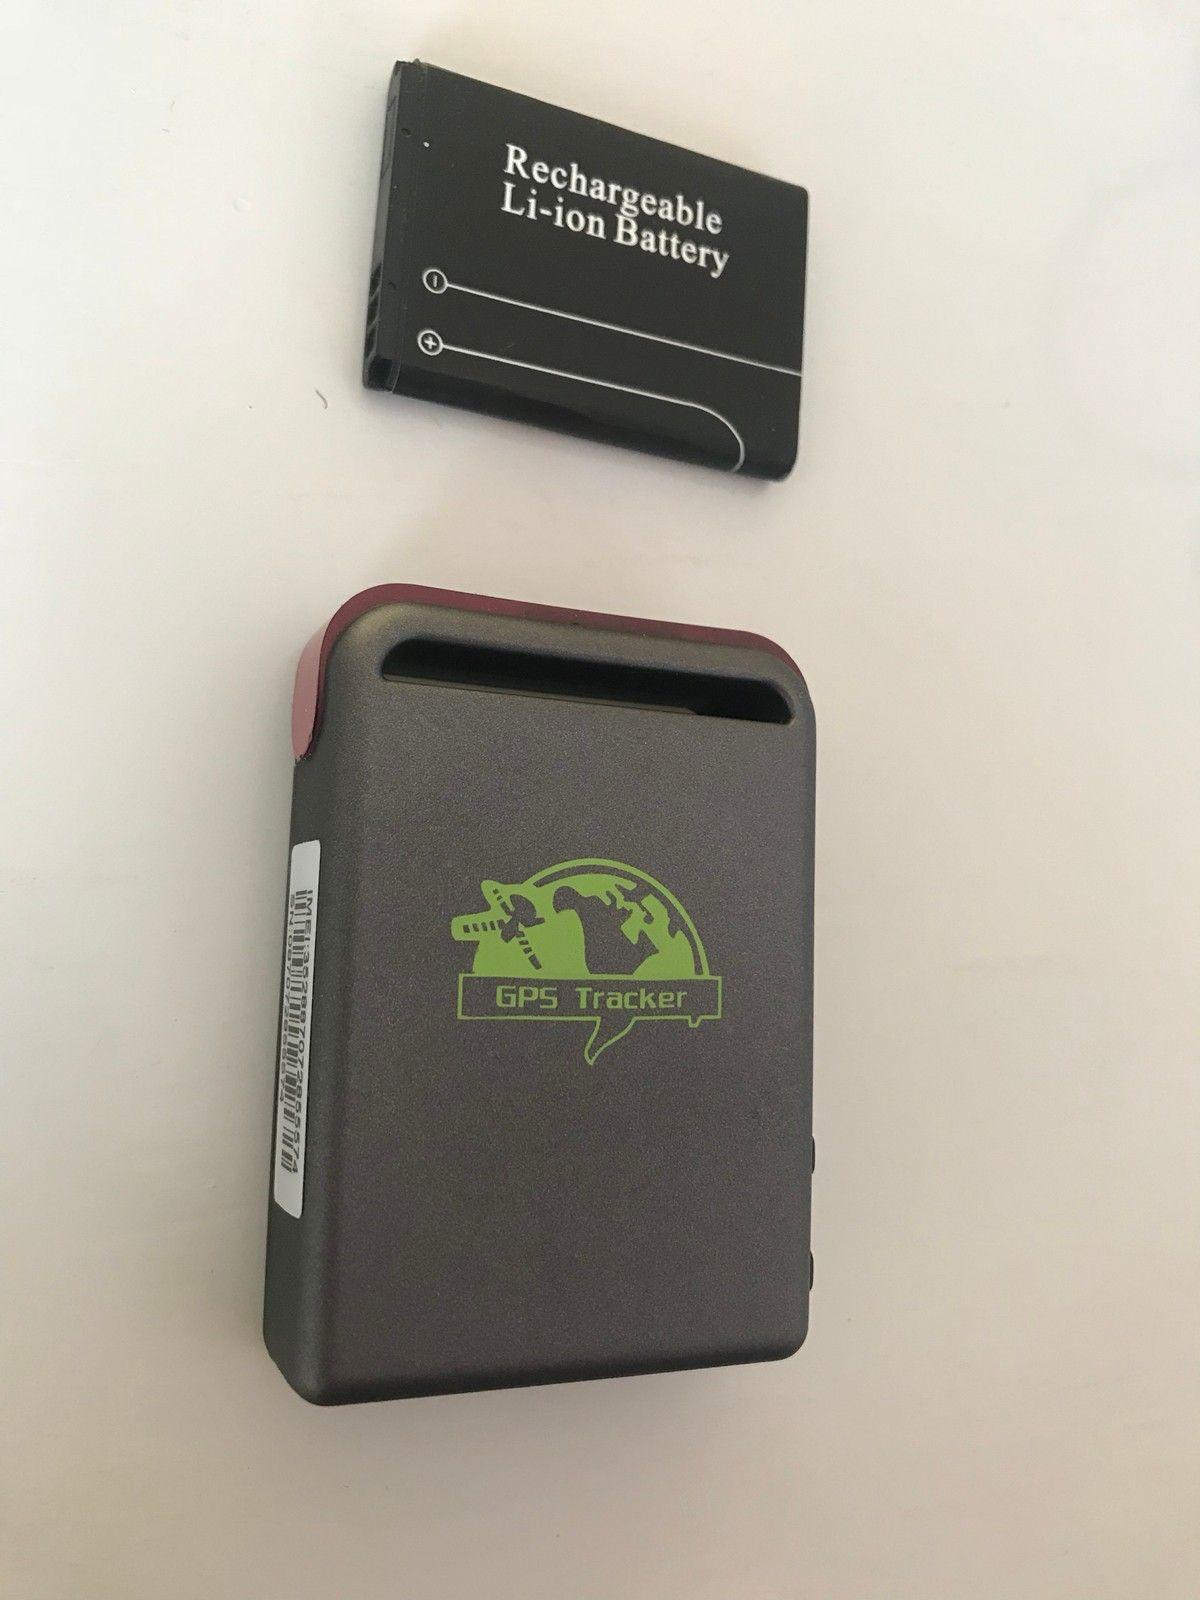 GPS tracker - Bodø  - GPS-tracker med SIM-kort.  Ekstra batteri, USB-ledning og bruksanvisning følger med. - Bodø